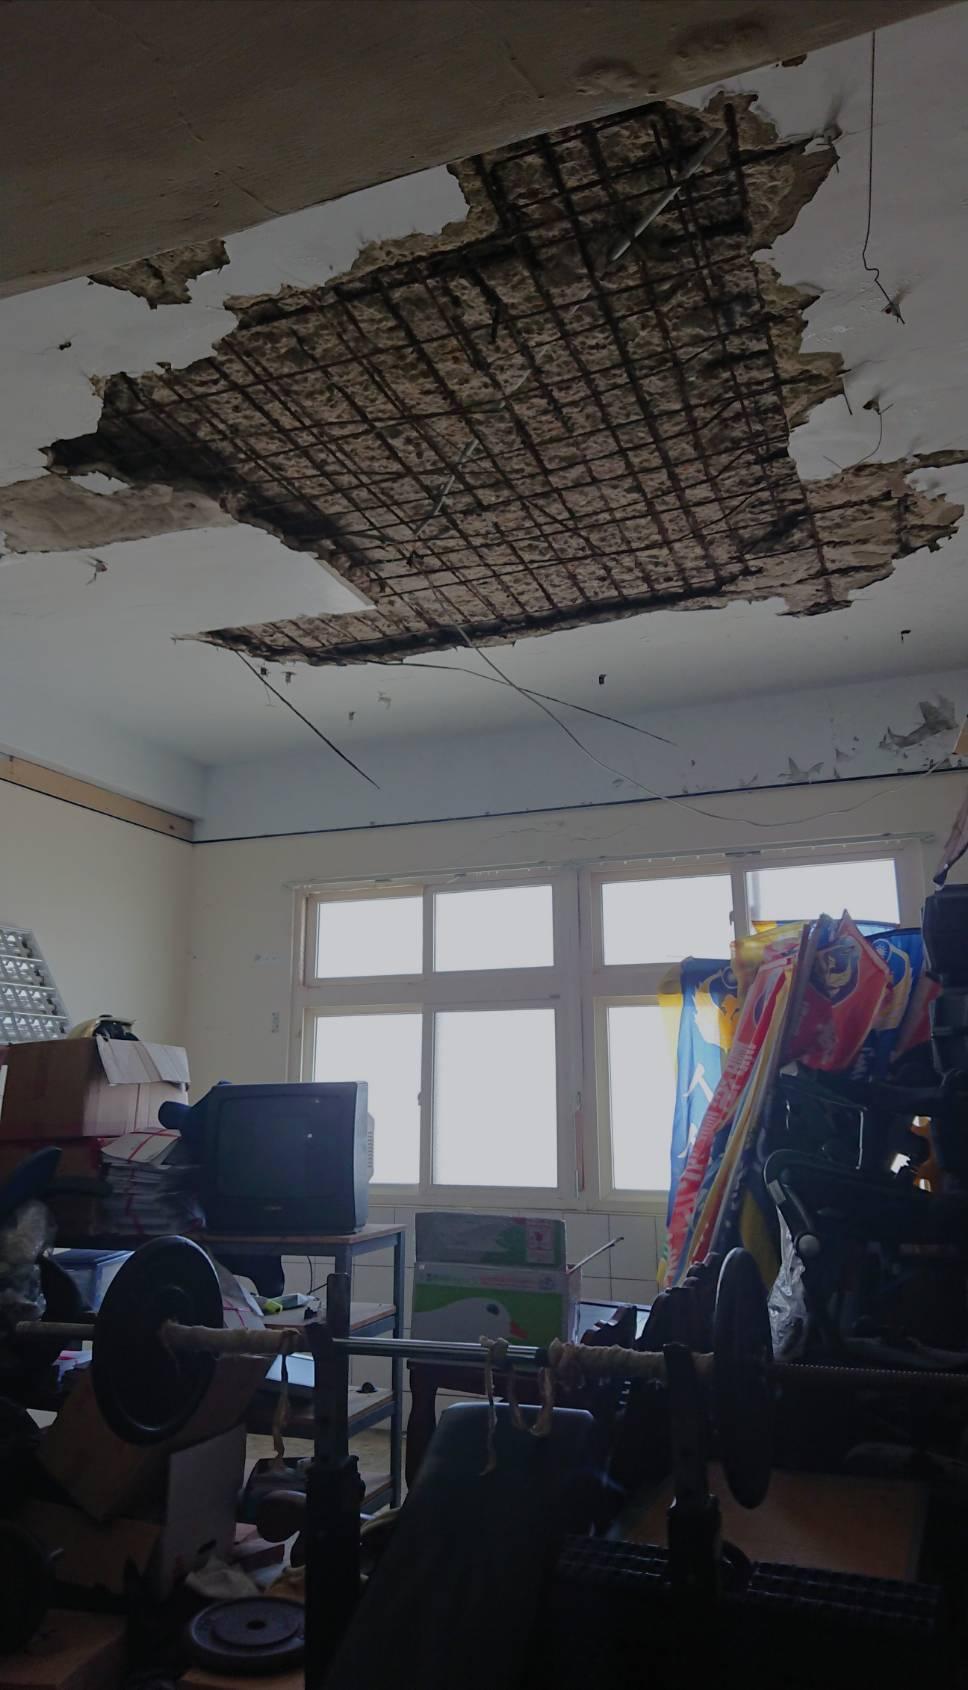 嘉義縣東石消防分隊建築老舊,建築結構也因地震受損嚴重。圖/本報資料照片